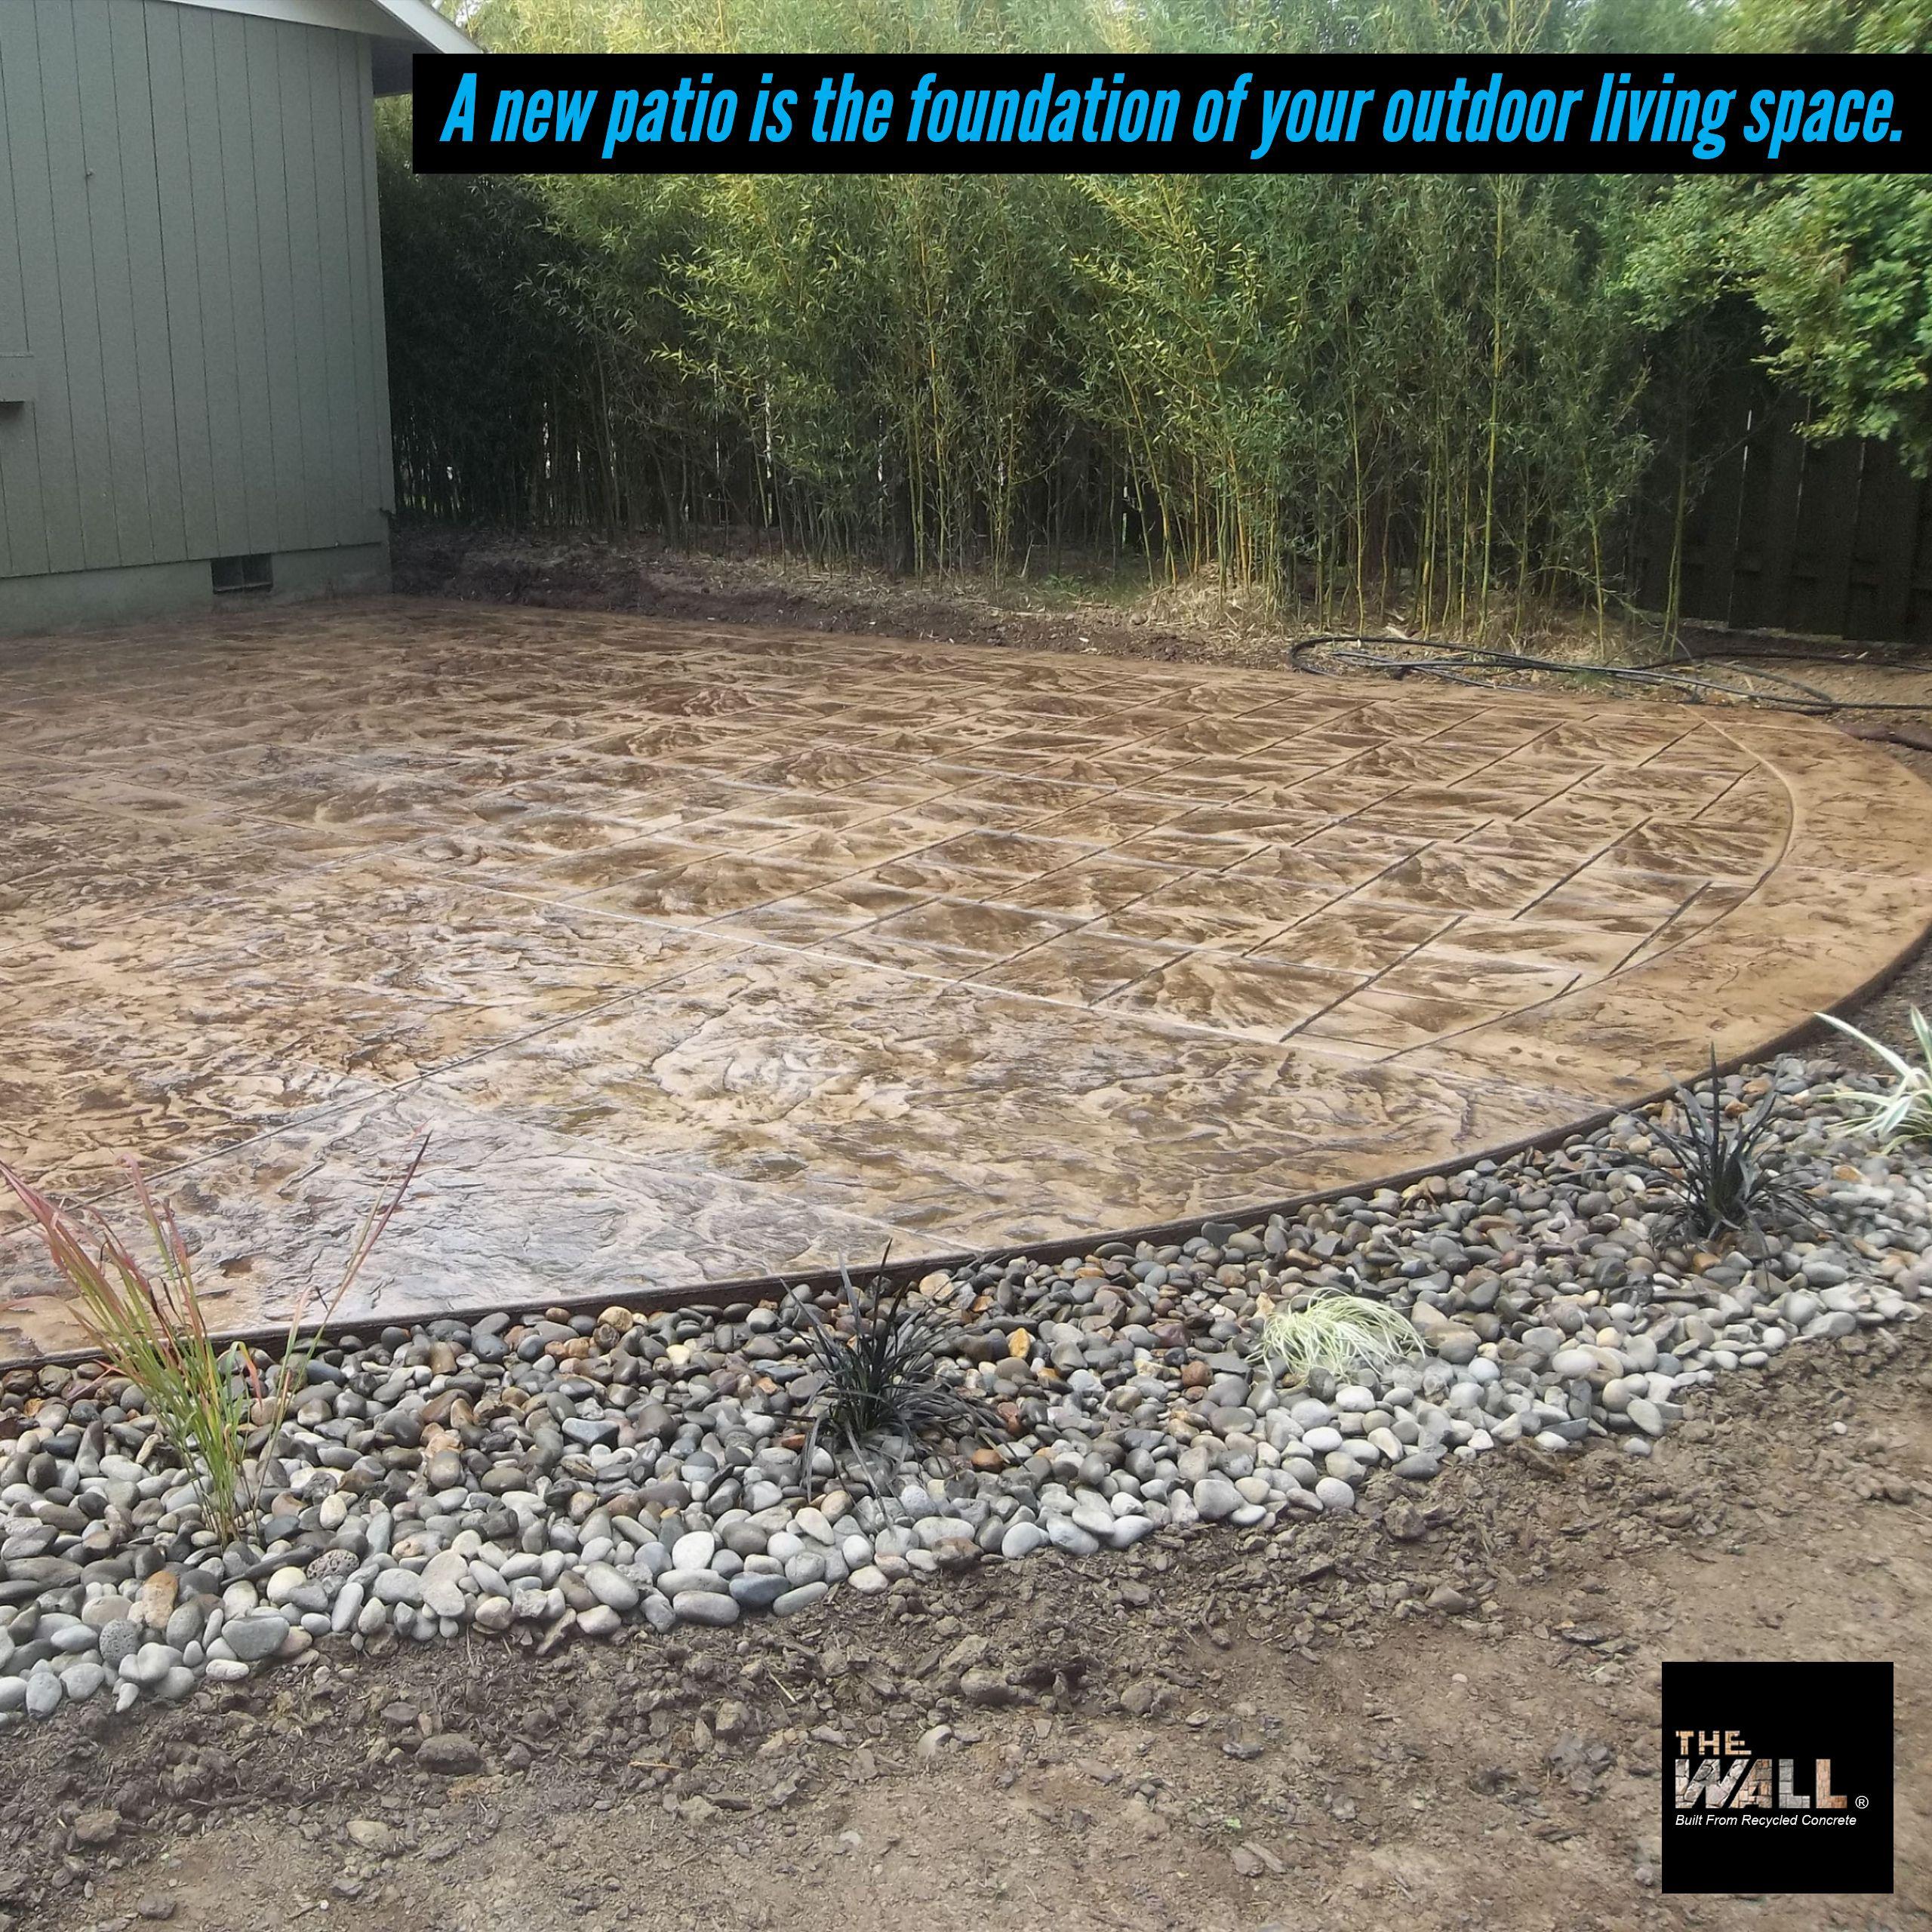 Outdoorliving Design Summer Homedecor Backyard Garden Landscaping Outdoor Home Patioseason Concrete Retaining Walls Recycled Concrete Concrete Wall